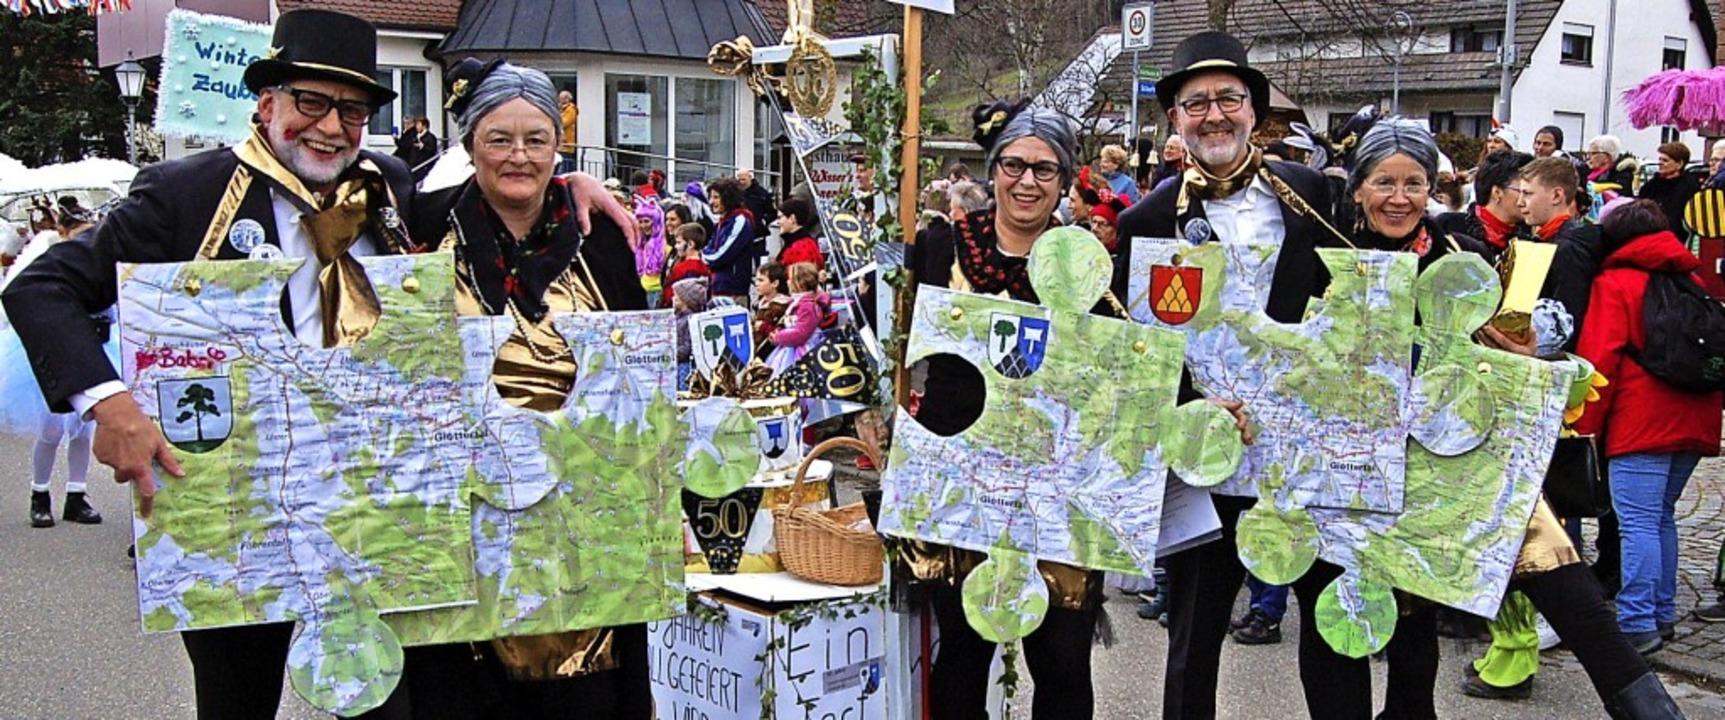 50 Jahre Gesamtgemeinde  Glottertal, d...a machte sich diese Fußgruppe zu eigen    Foto: Christian Ringwald